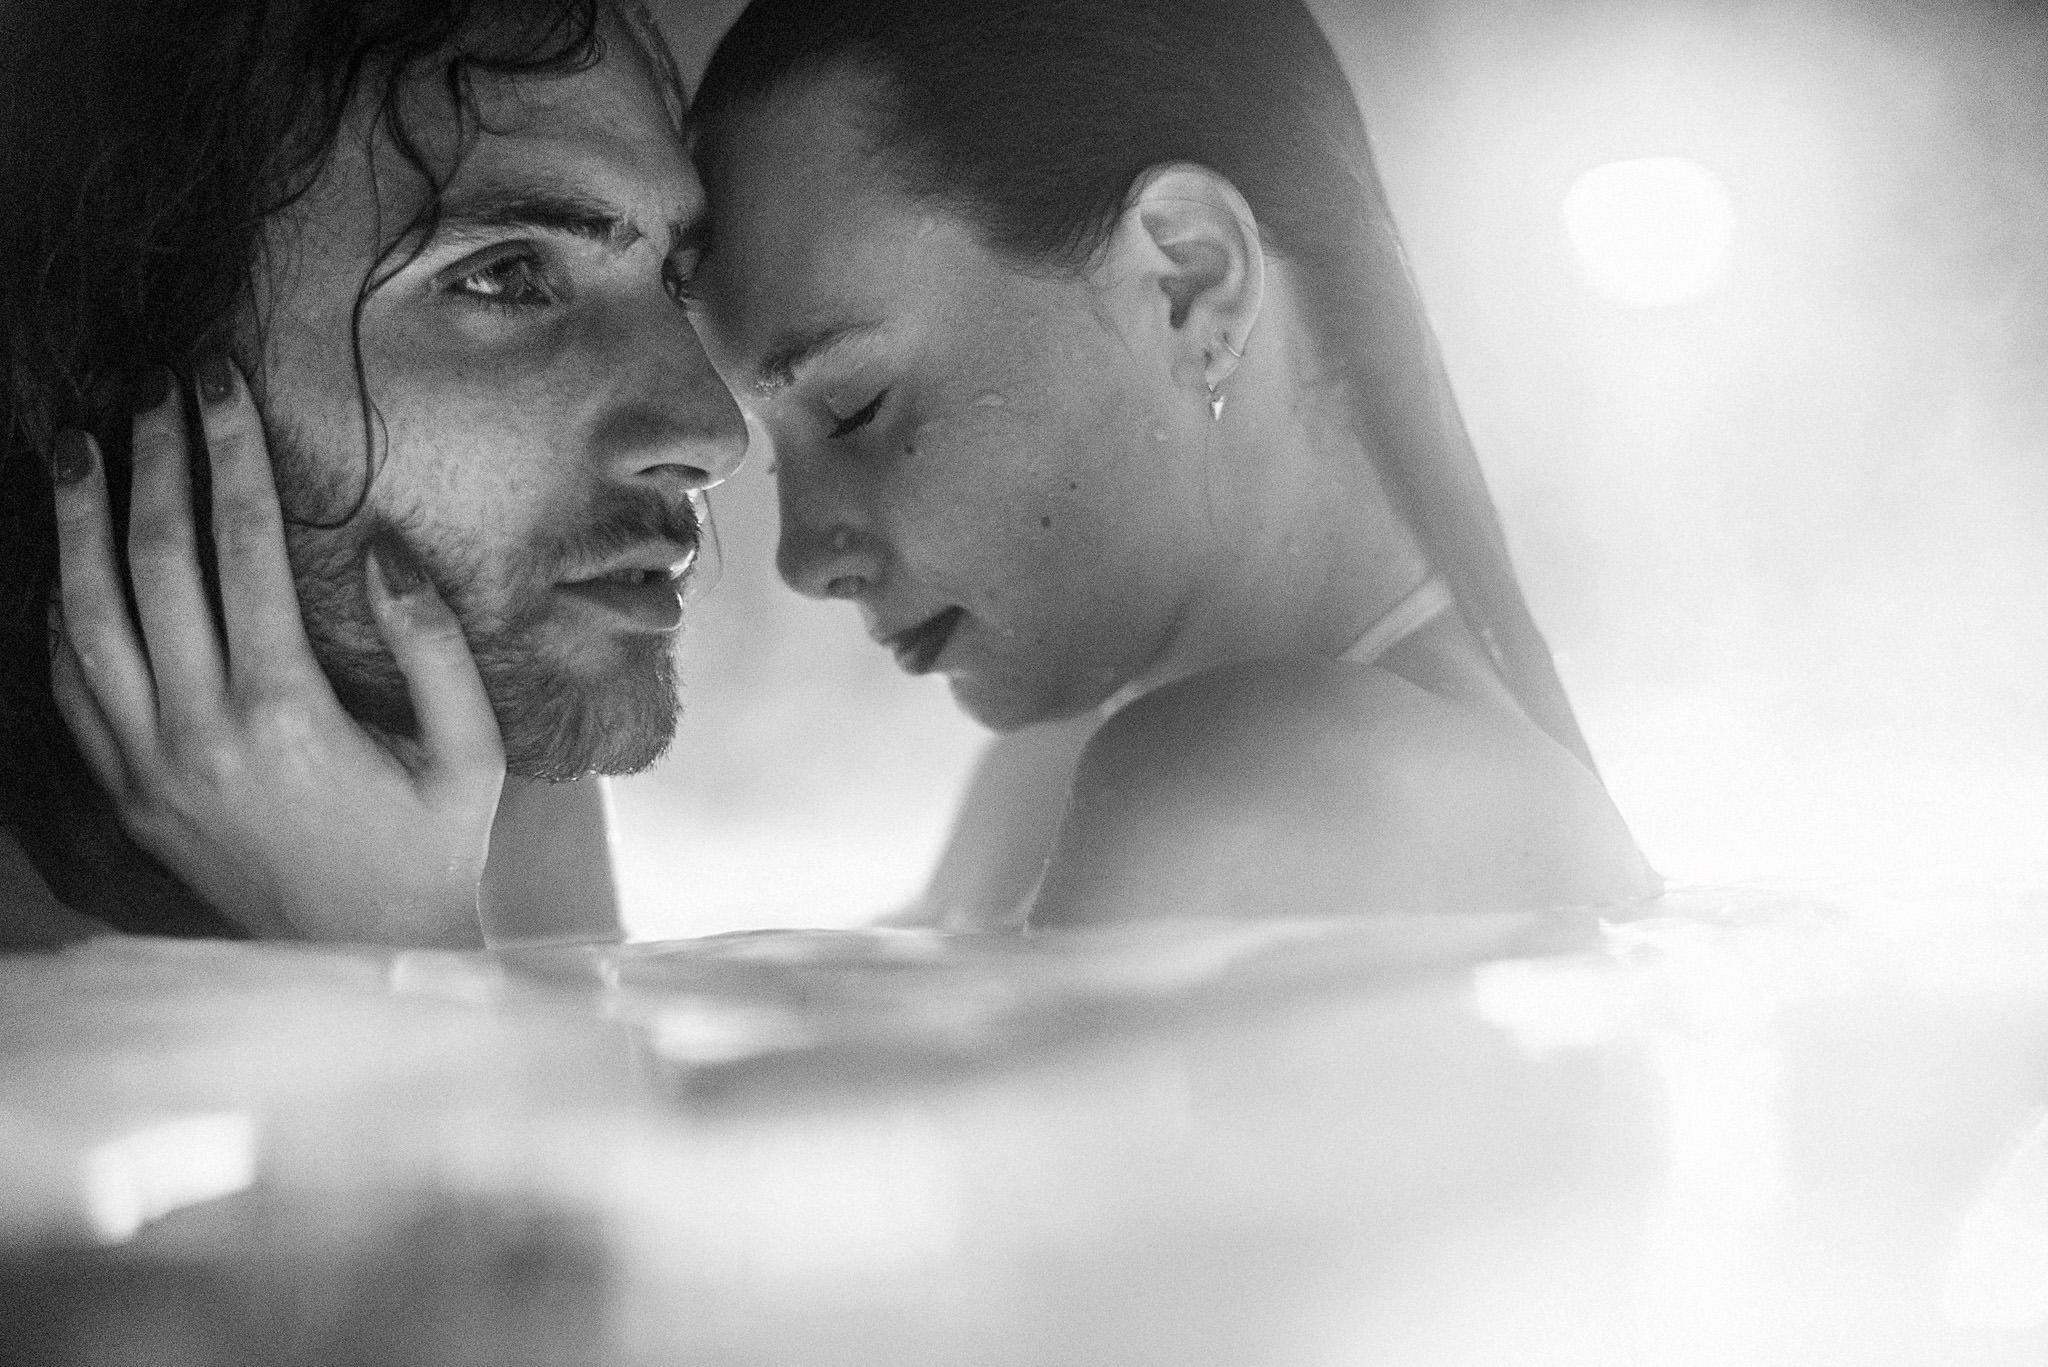 Hochzeitspaar beim Verlobungsshooting Unterwasser im Thermalbad Staffelstein. Intensives Paarshooting im Wasser!